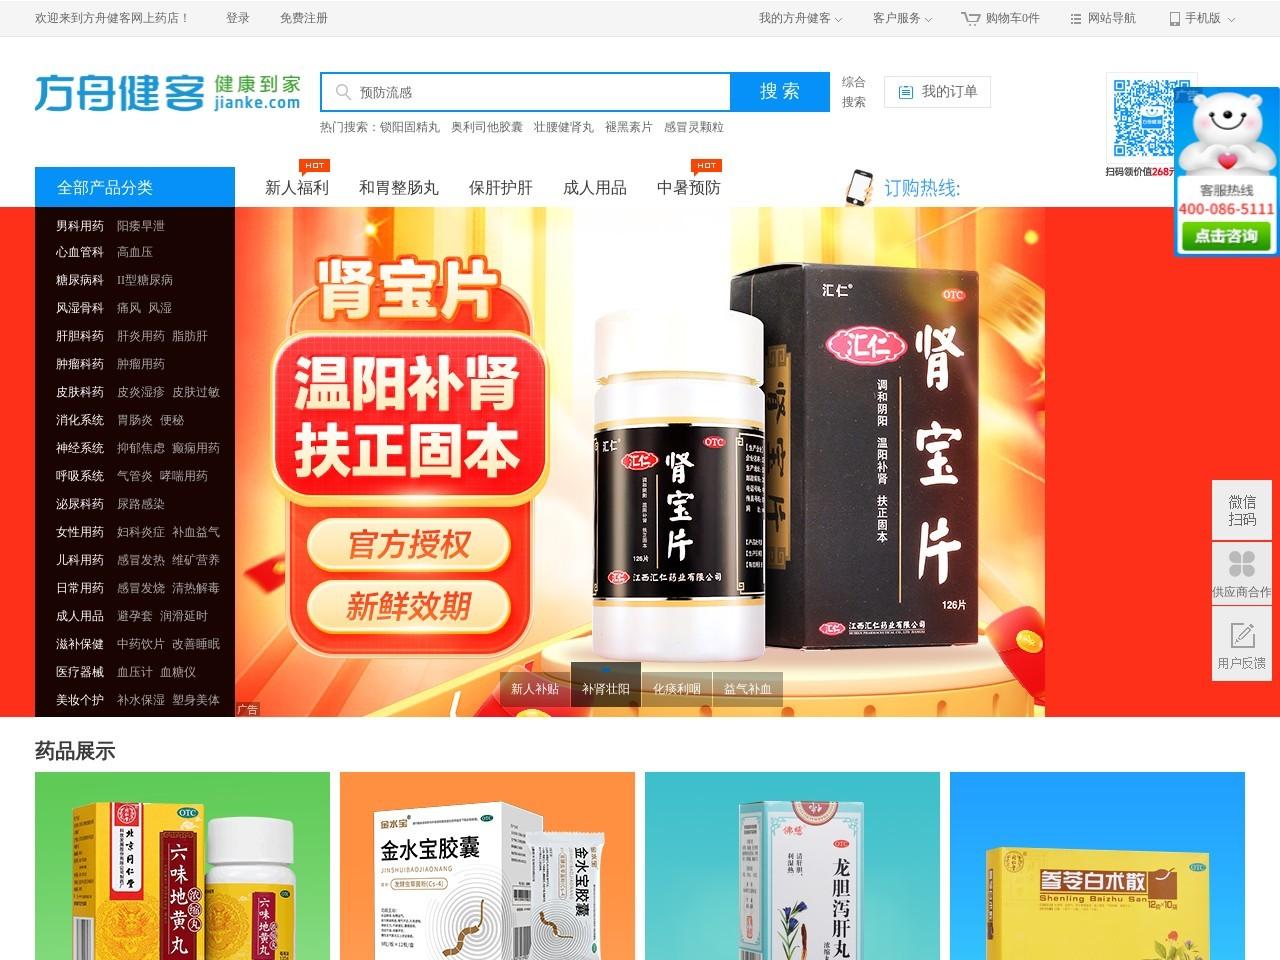 健客网-放心的网上药店,网上买药的正规网站,买正品药上健客